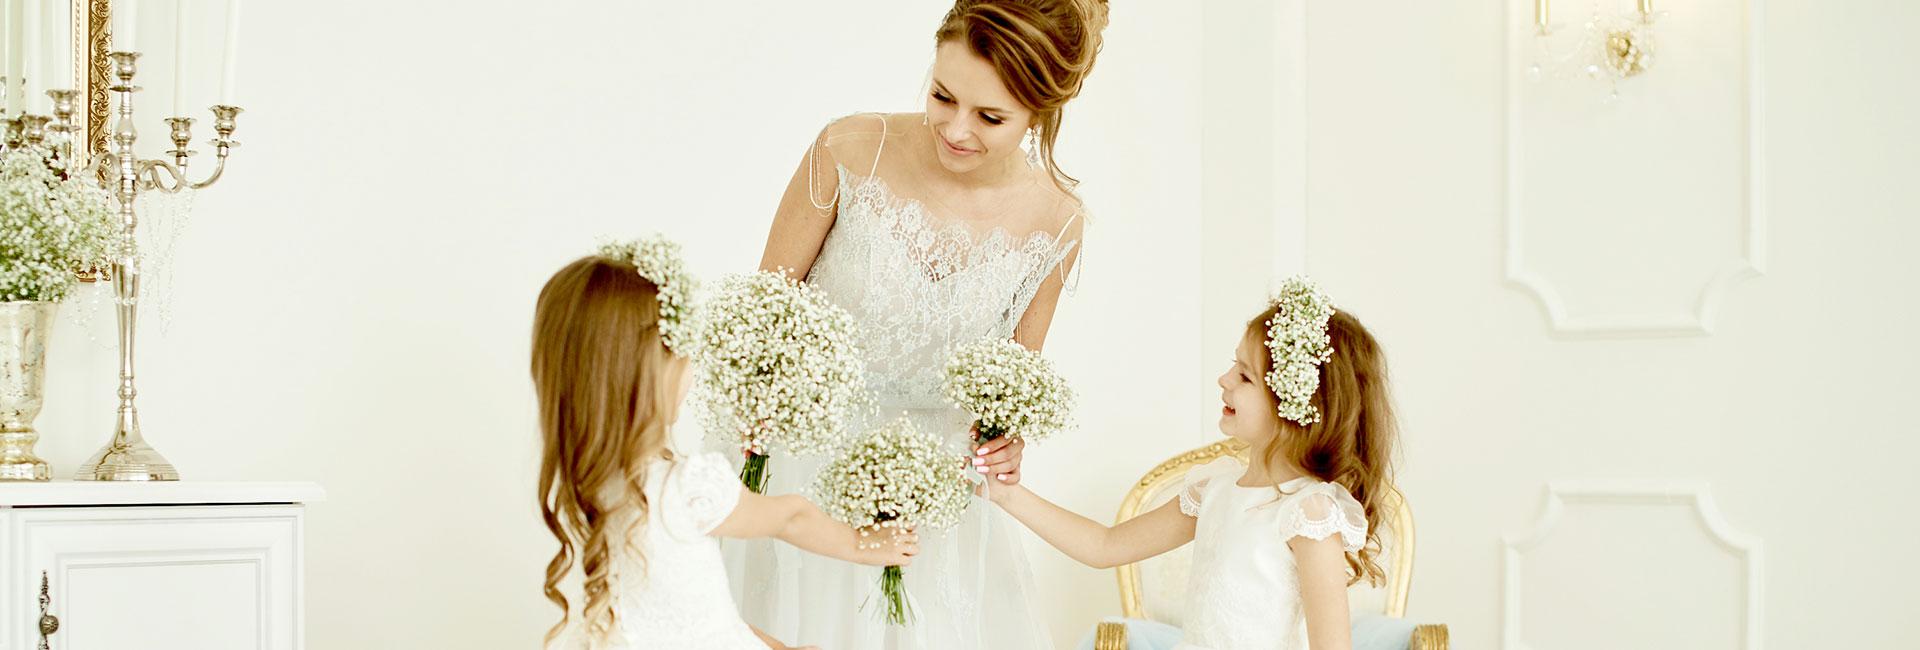 Girls At Weddings